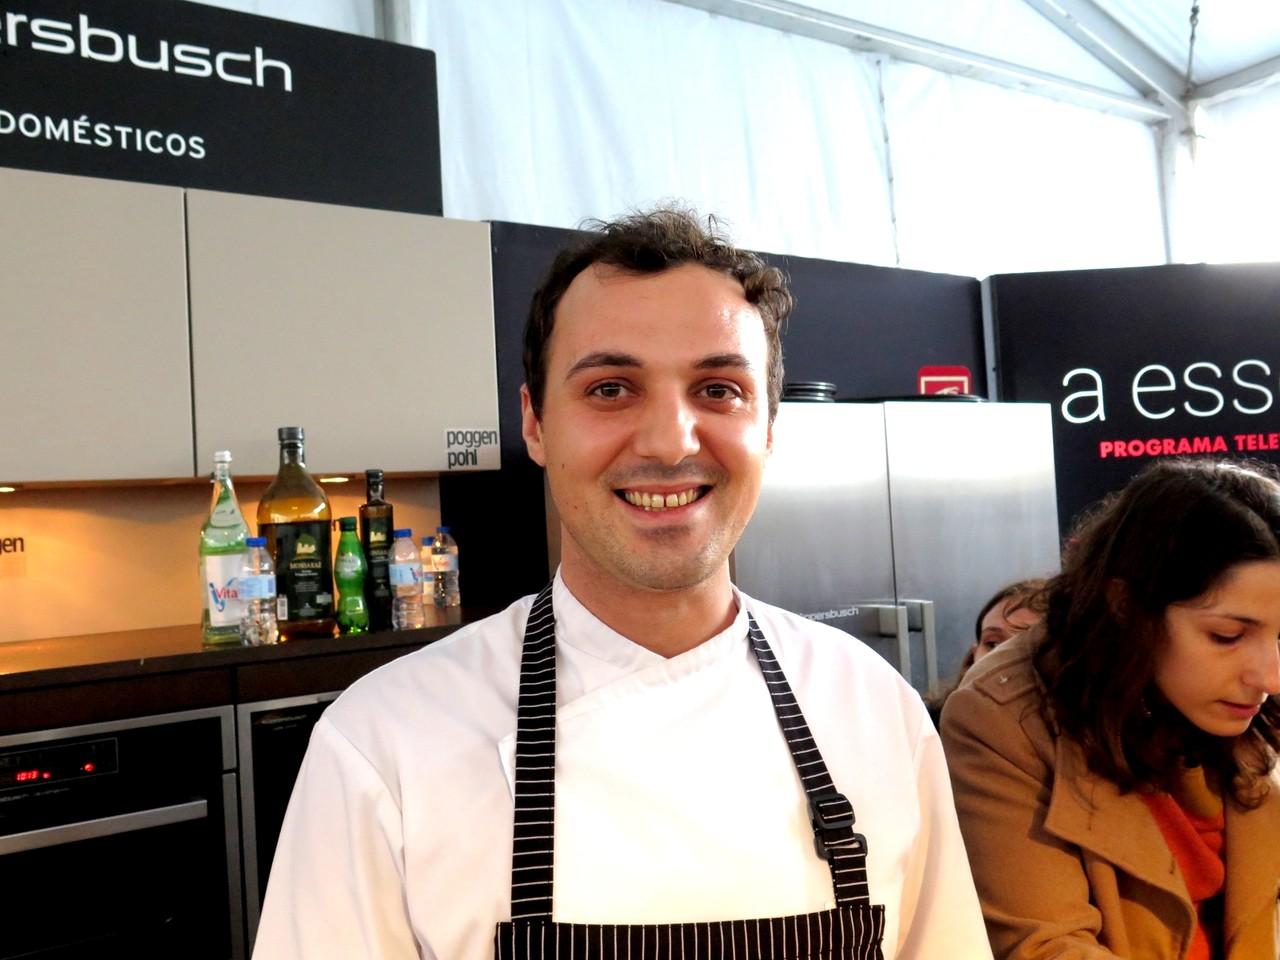 Chef pasteleiro Telmo Moutinho